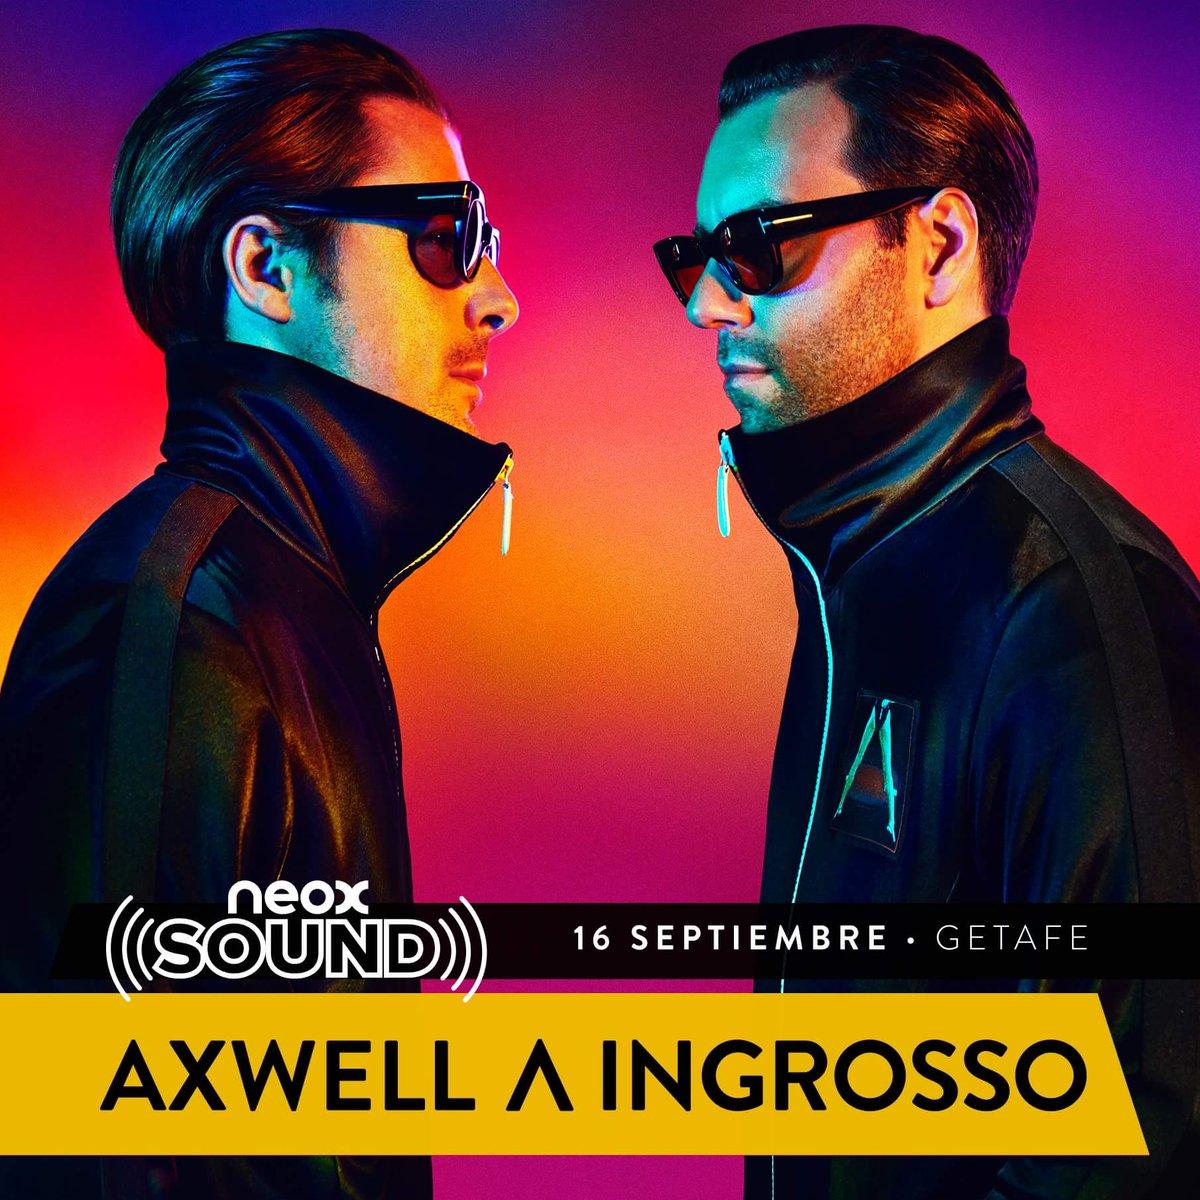 16 de septiembre @NeoxSound con:  Axwell /\ Ingrosso.  #NeoxSound https://t.co/E4S41yC9Z0